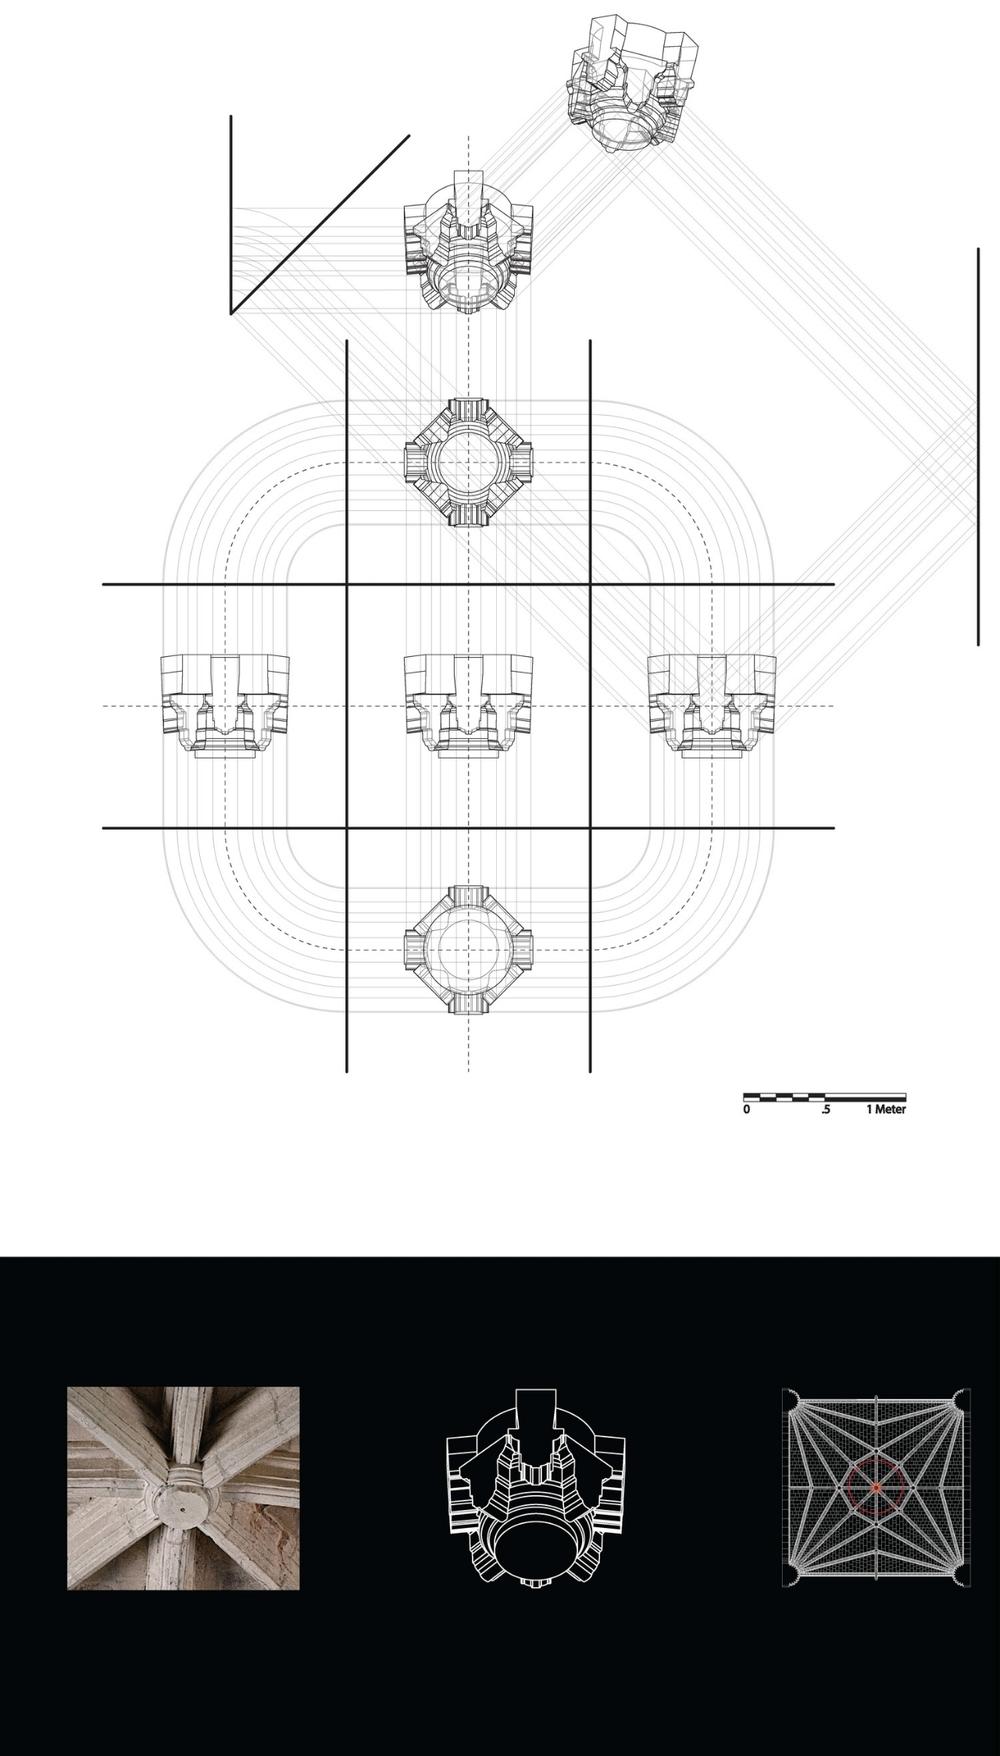 metodologia_Page_01.jpg